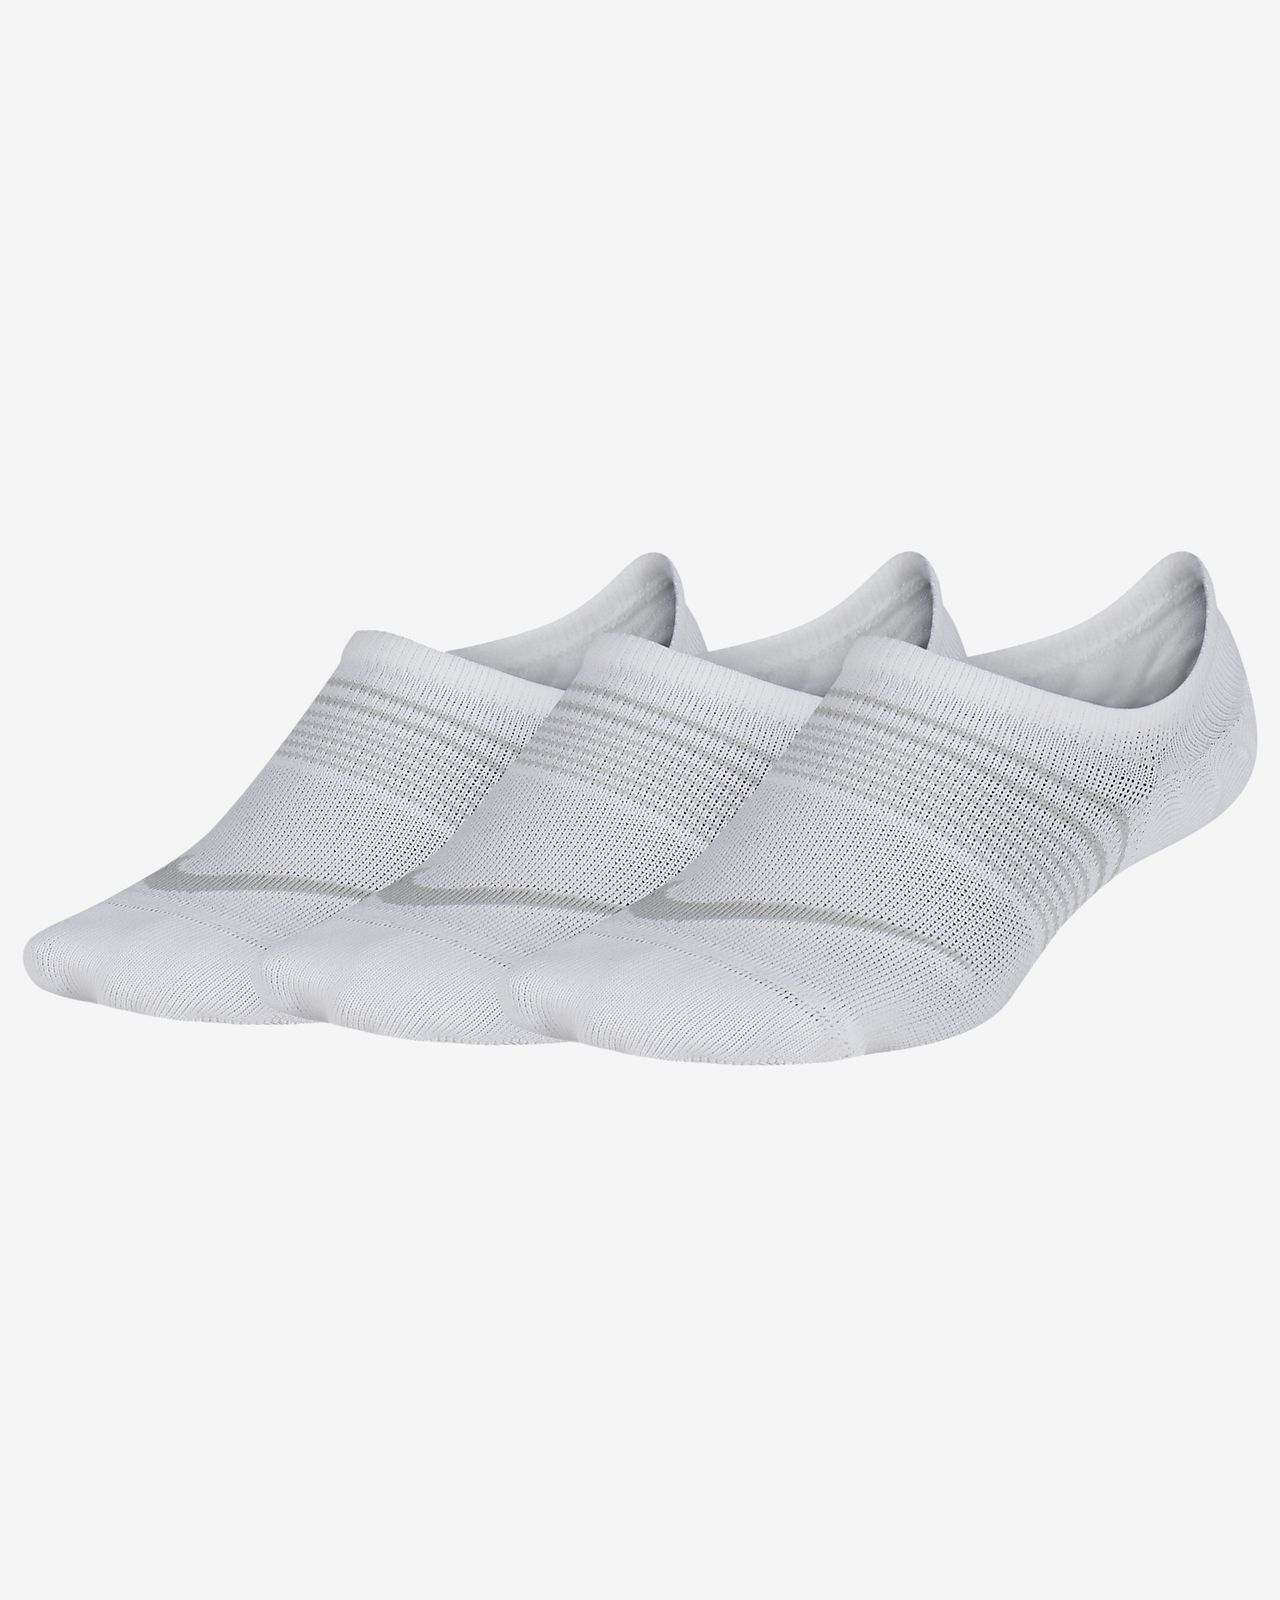 Calcetines para niños Nike Everyday Lightweight (3 pares)